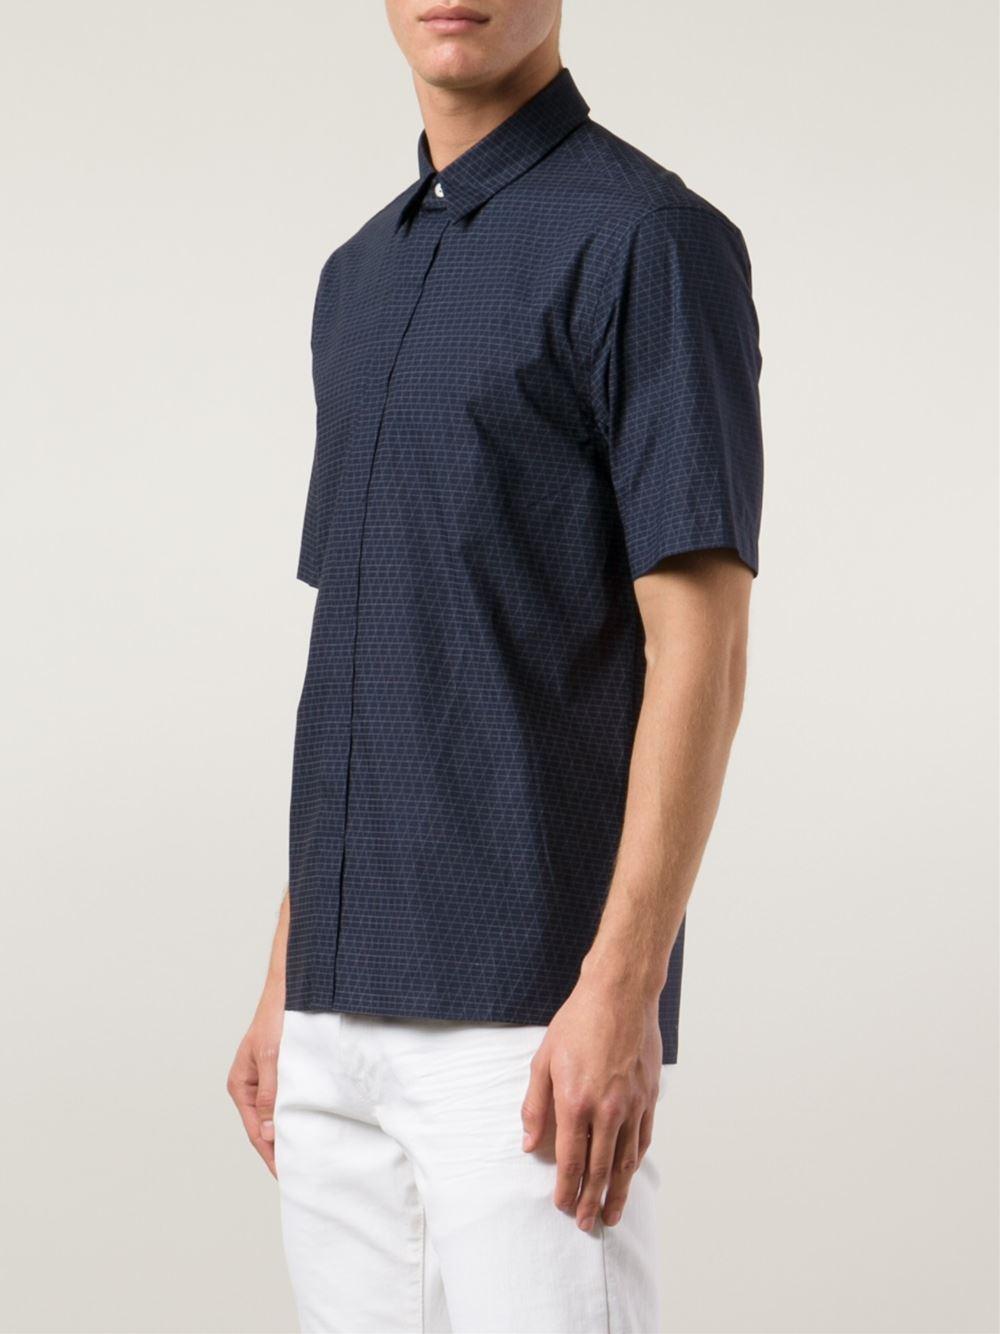 Rag bone 39 casper 39 shirt in blue for men lyst for Rag bone shirt